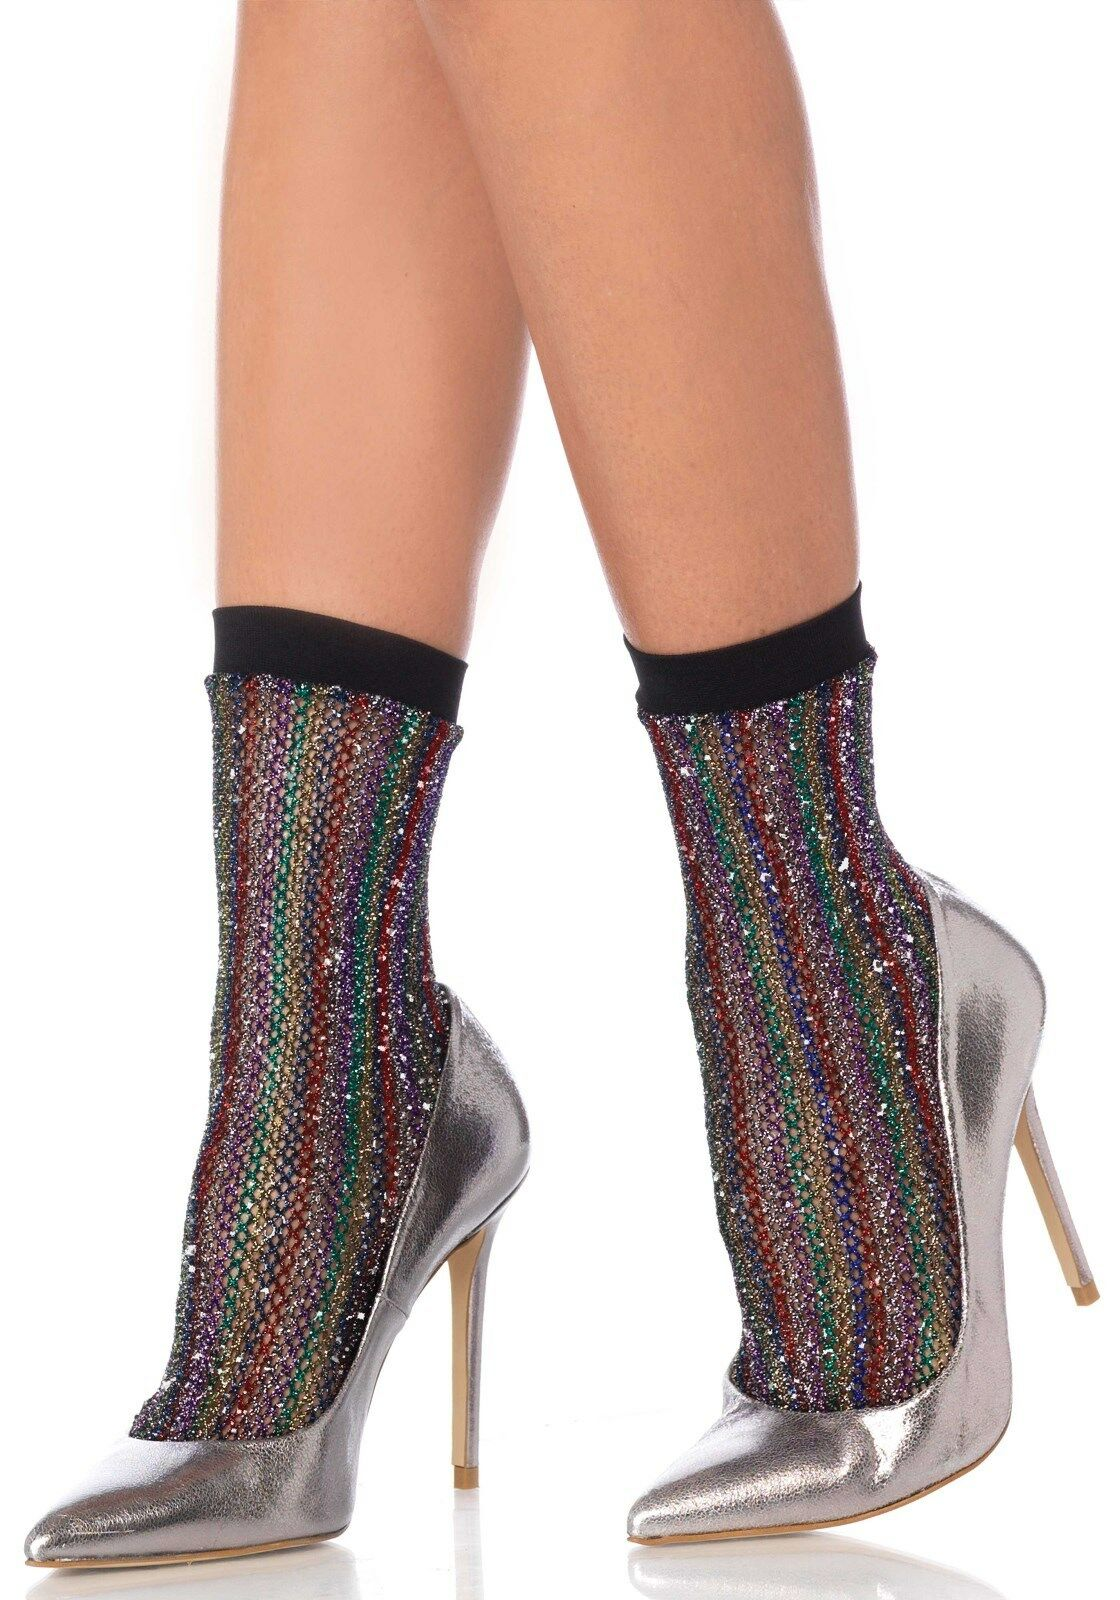 großartiges Aussehen heißes Produkt großer Rabattverkauf Details zu LAG 3040 Leg Avenue Glitzer Söckchen Socken Strümpfe Lurex  Regenbogen Bunt